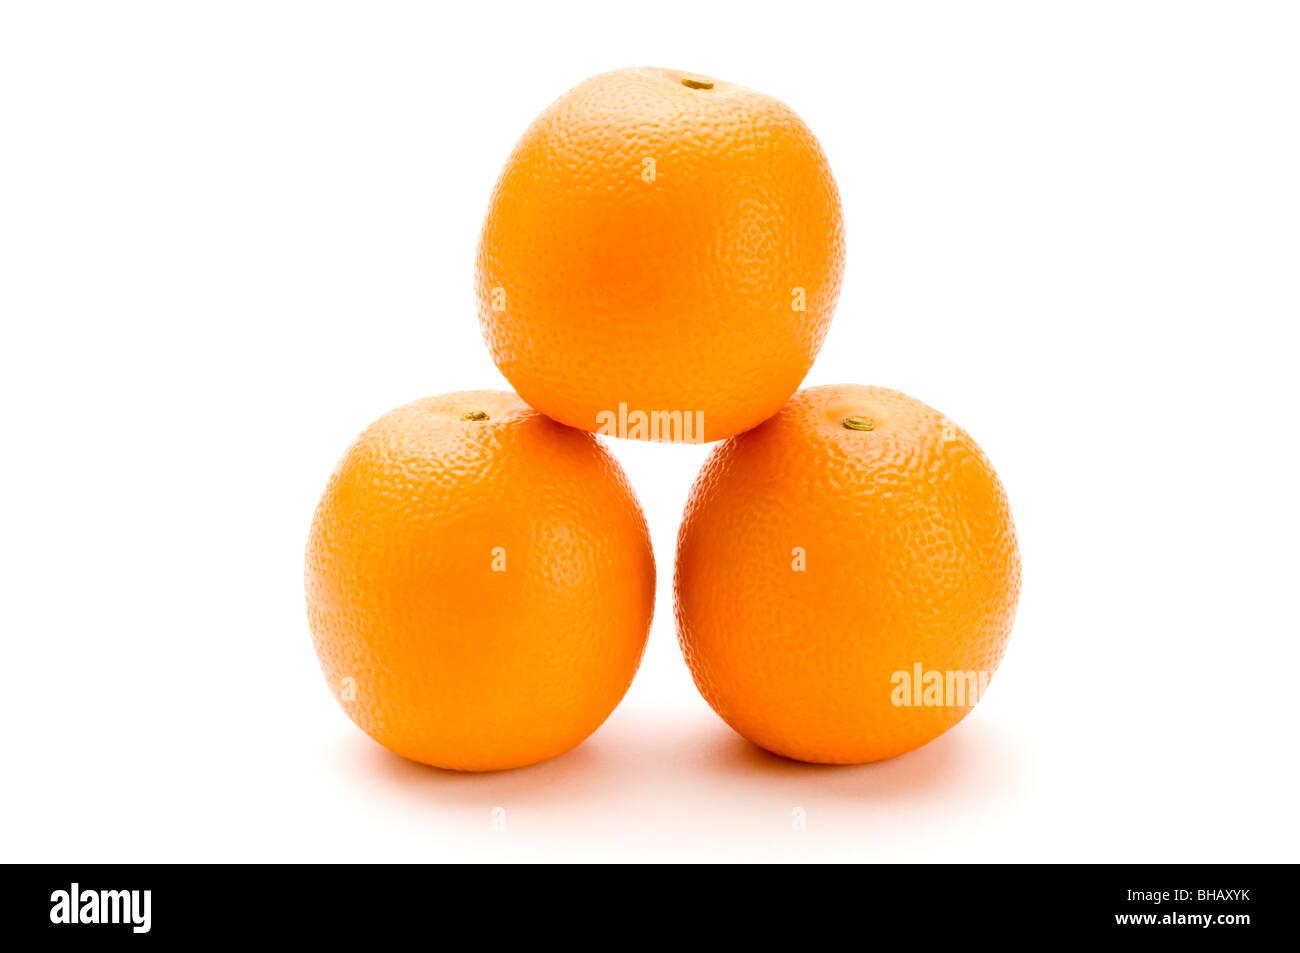 fruit - Stock Image